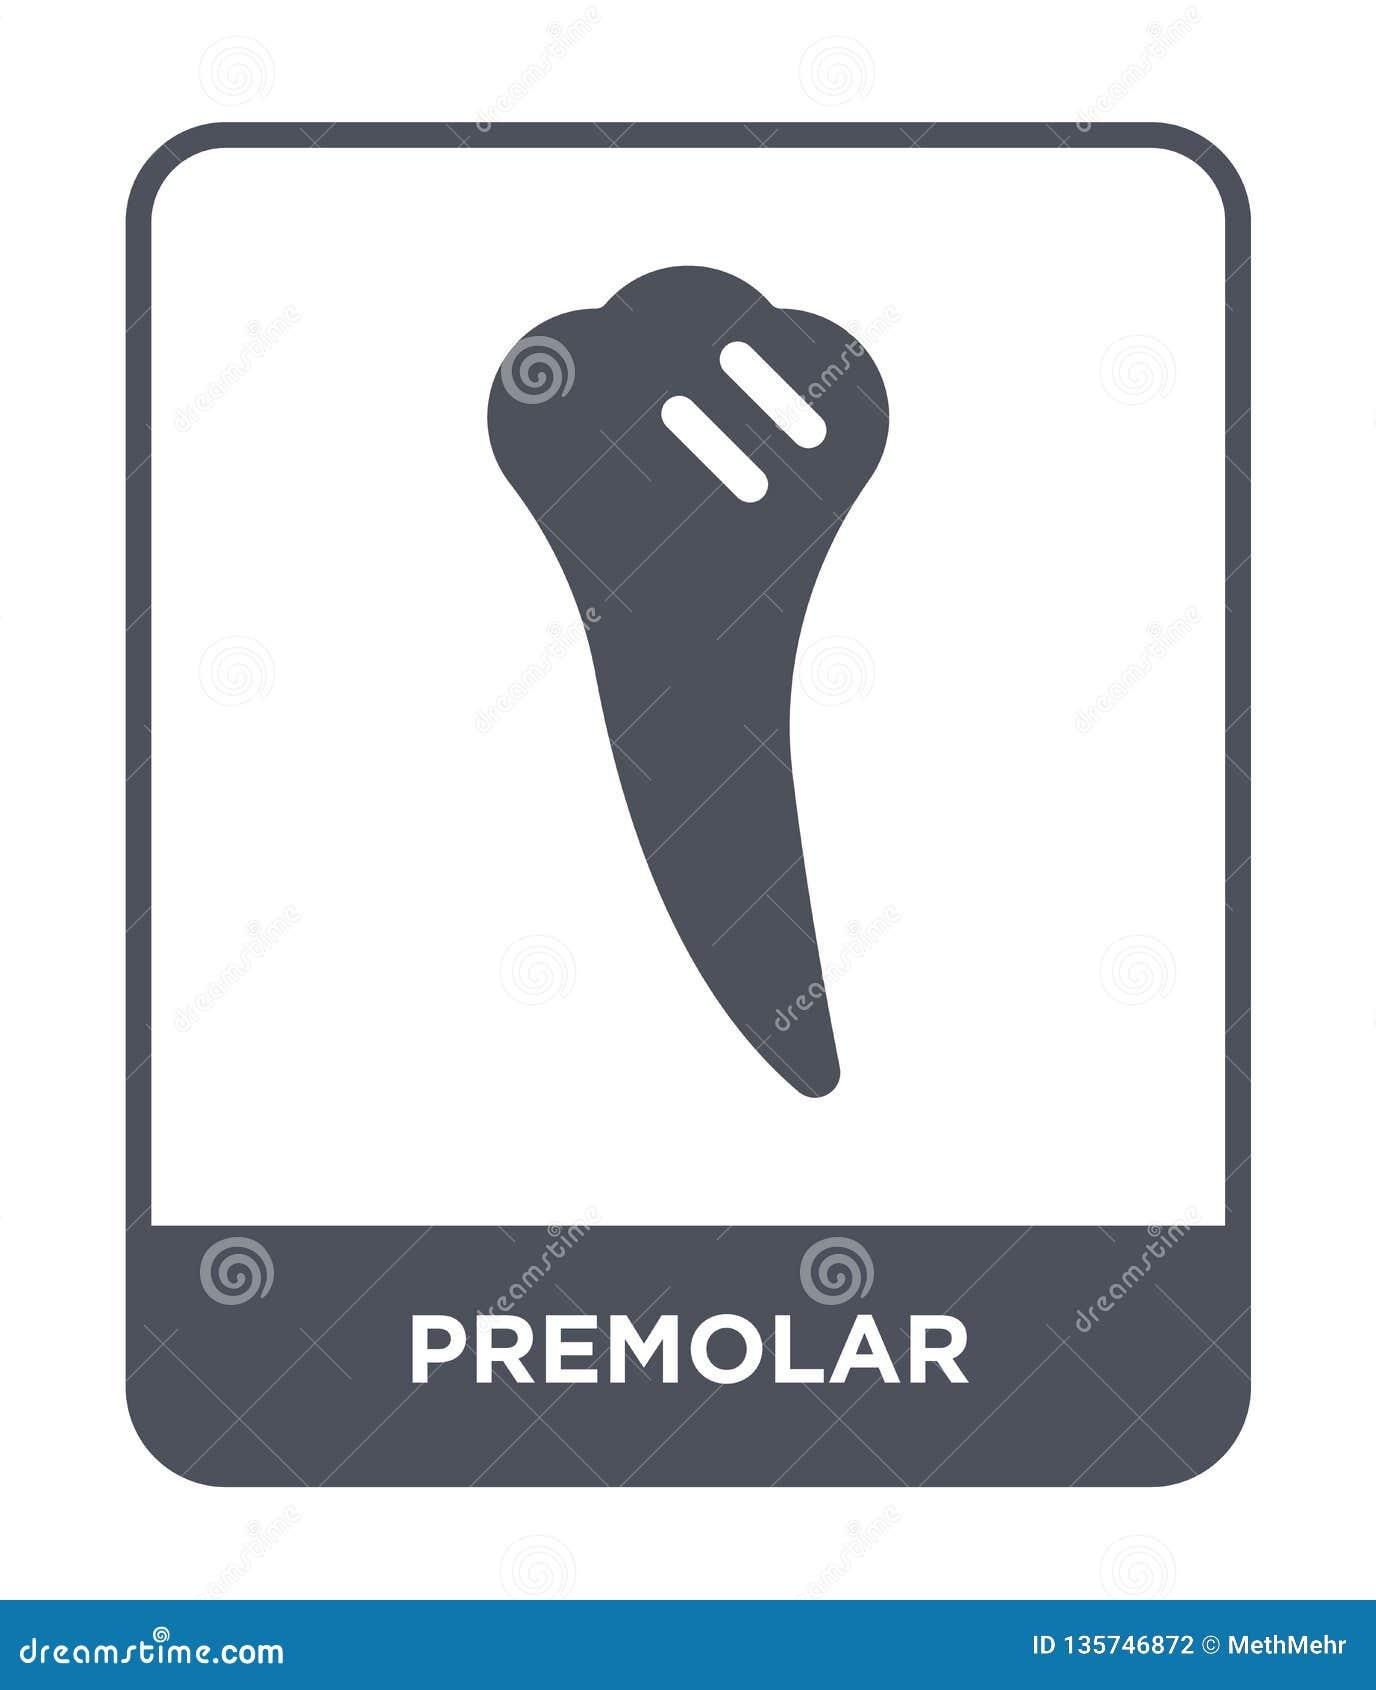 Premolarsymbol i moderiktig designstil premolarsymbol som isoleras på vit bakgrund enkel och modern lägenhet för premolarvektorsy